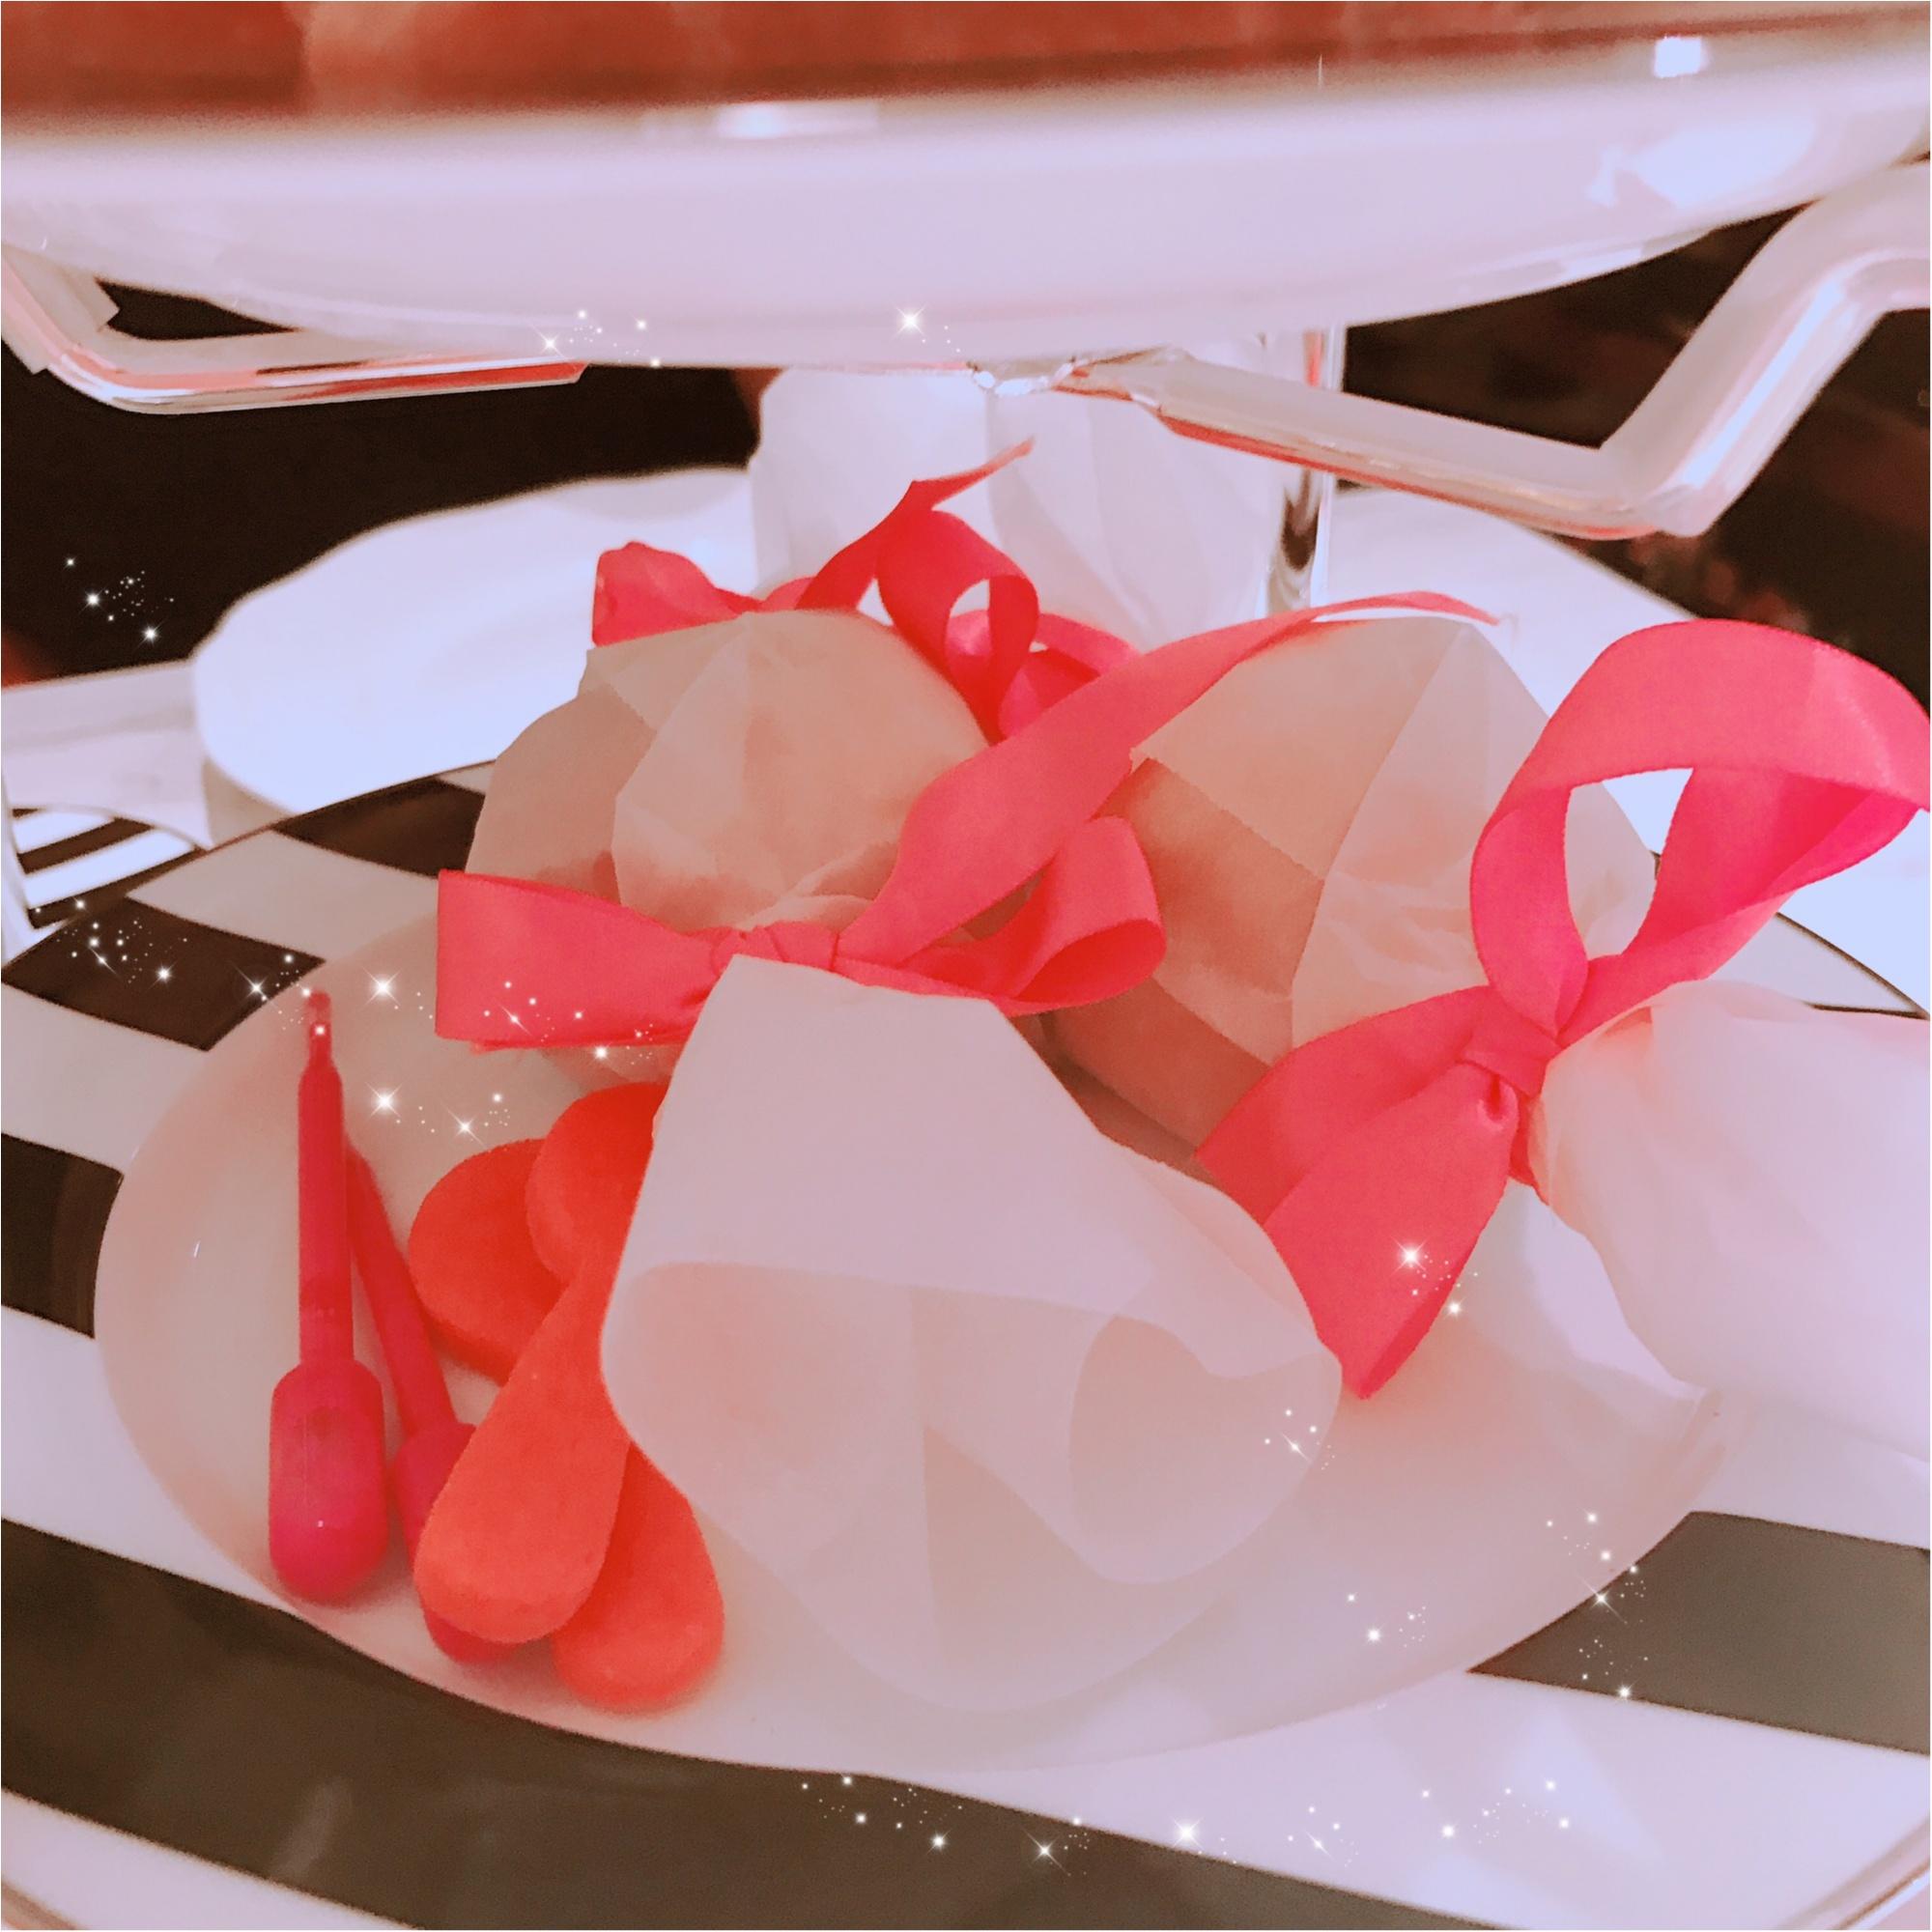 土日祝限定!完全予約制、ジンジャーガーデン青山のピンクアフタヌーンティーが可愛すぎる!_12